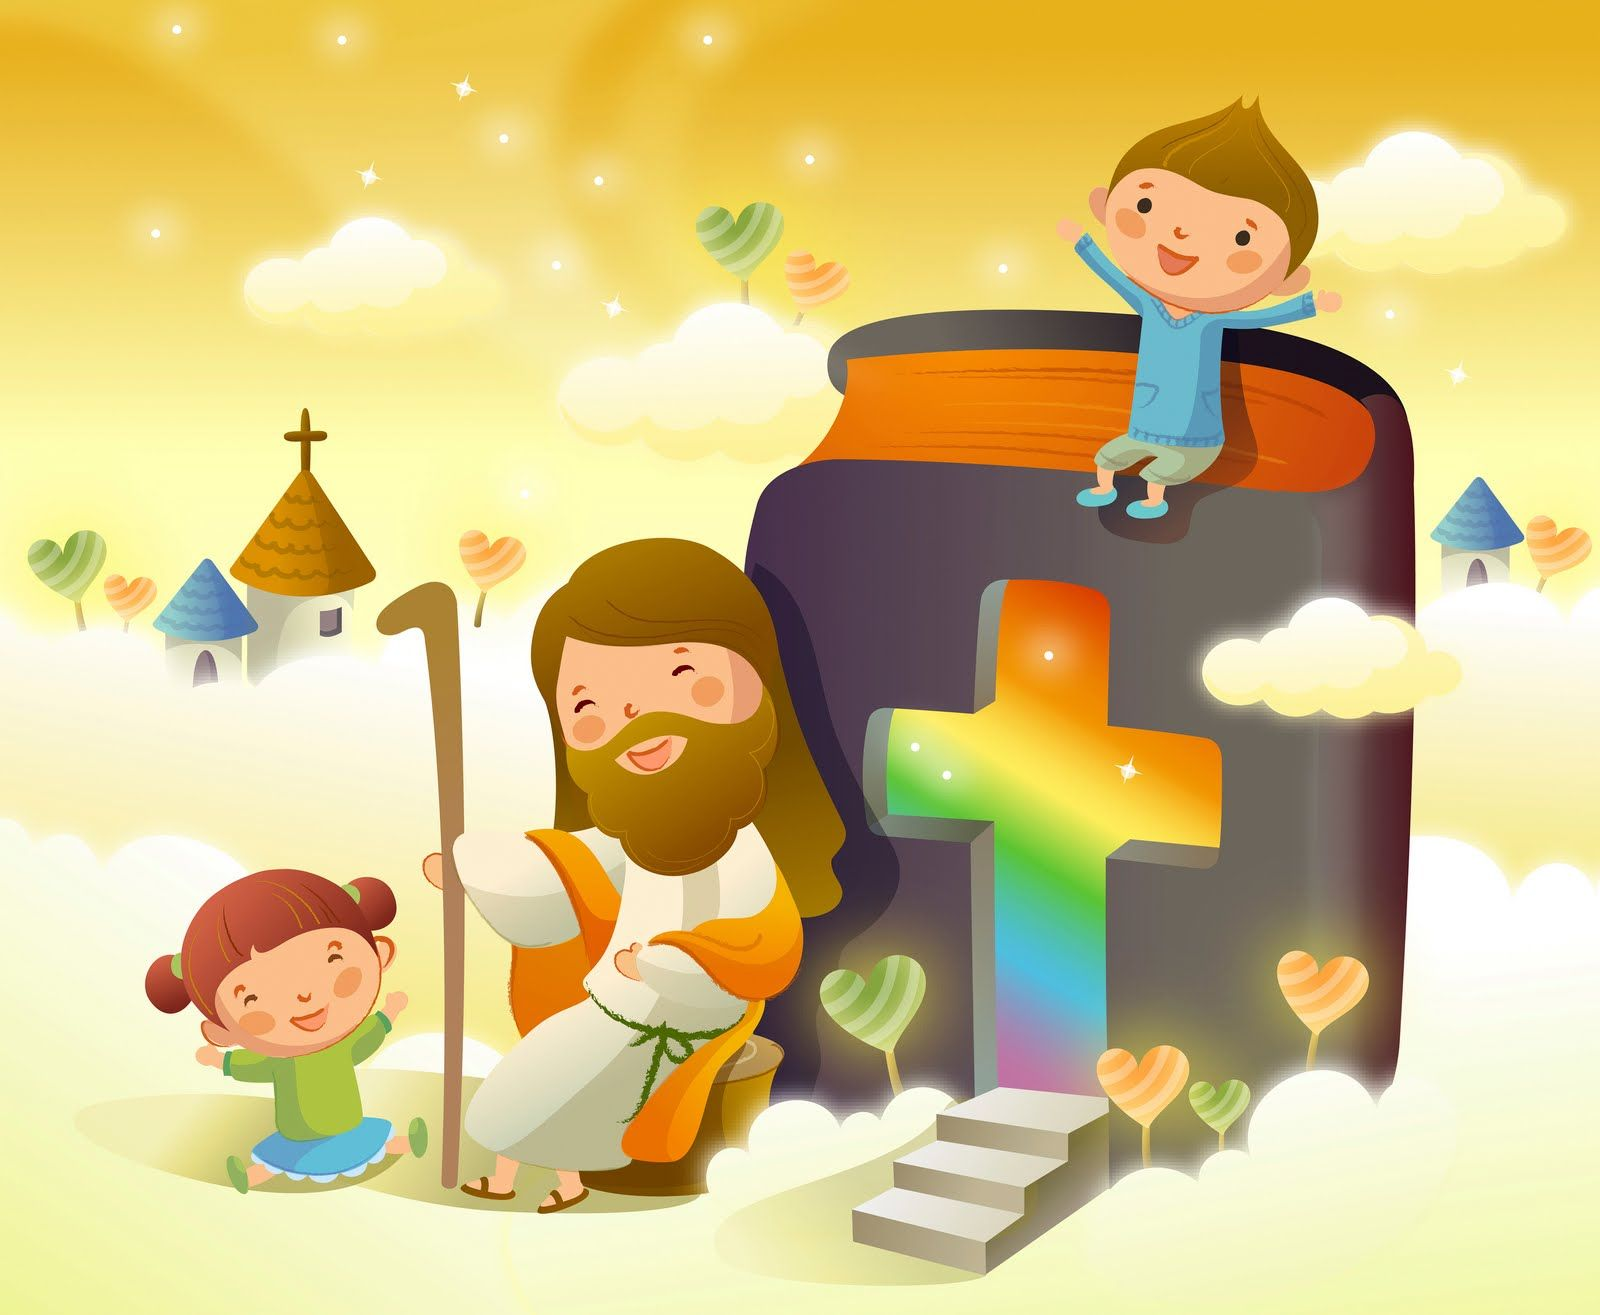 Jesus Y Los Ninos Para Compartir Con Amigos 19 Imagenes De Ninos Felices Ninos Cristianos Ilustraciones Cristianas